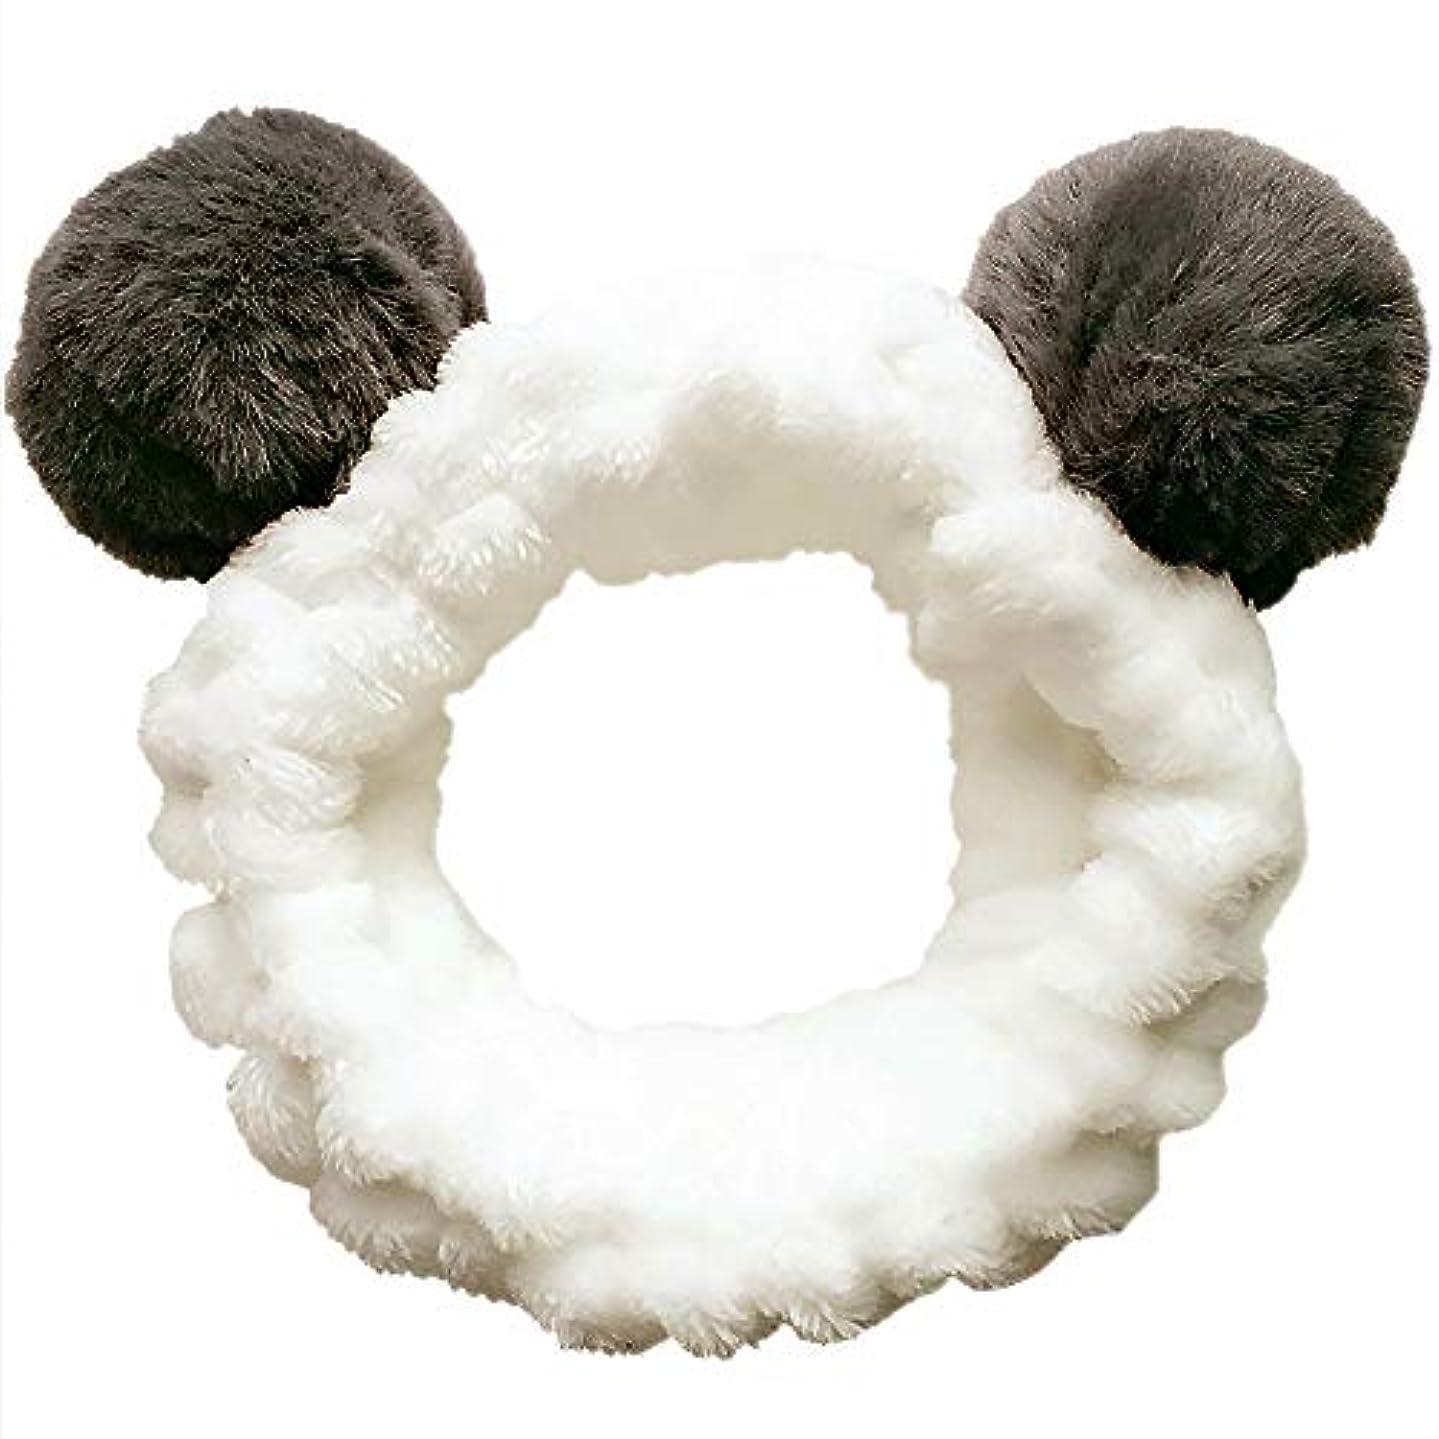 実質的写真のリスクヘアバンド 洗顔 動物 パンダ型 柔らかい 吸水 ターバン レディース ヘアアレンジ 伸縮性あり アニマル ふわふわ